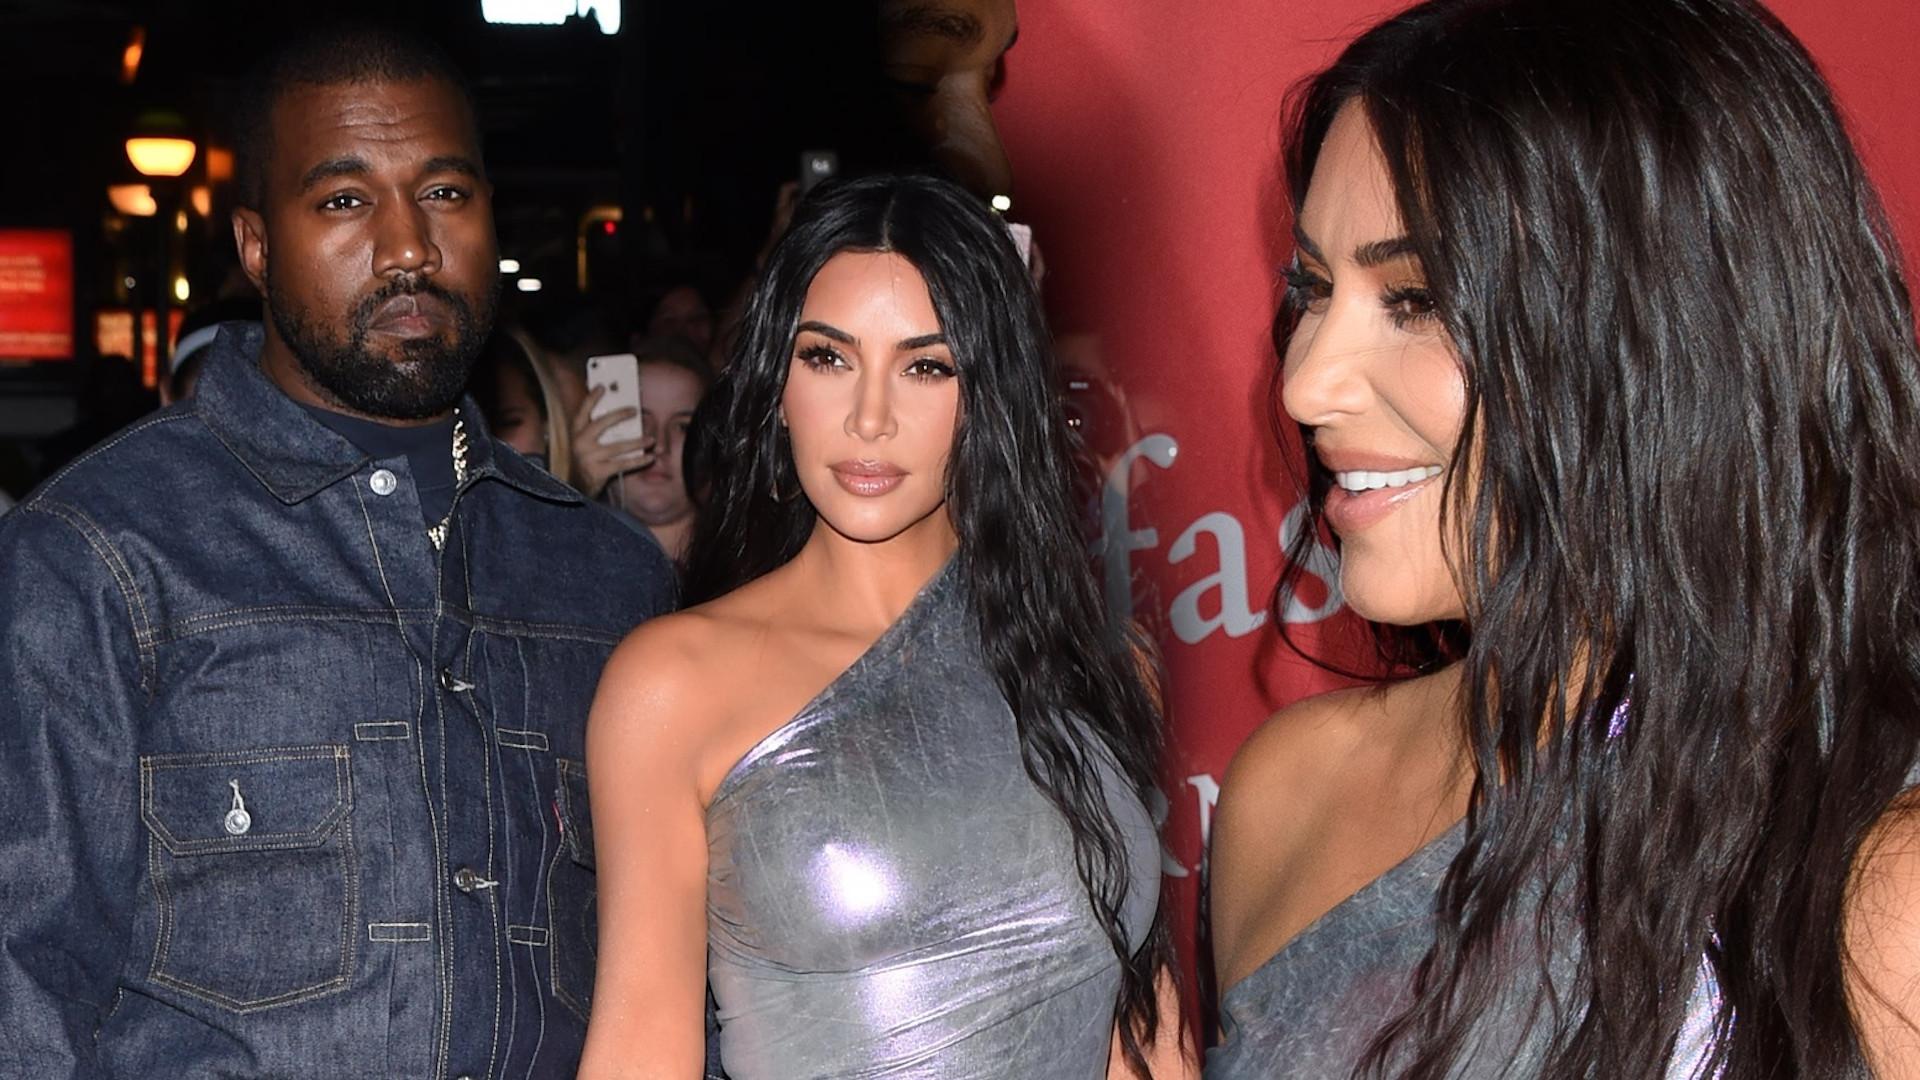 Zakochani Kim Kardashian i Kanye West na gali – celebrytka ledwo wcisnęła się w tę kreację (ZDJĘCIA)